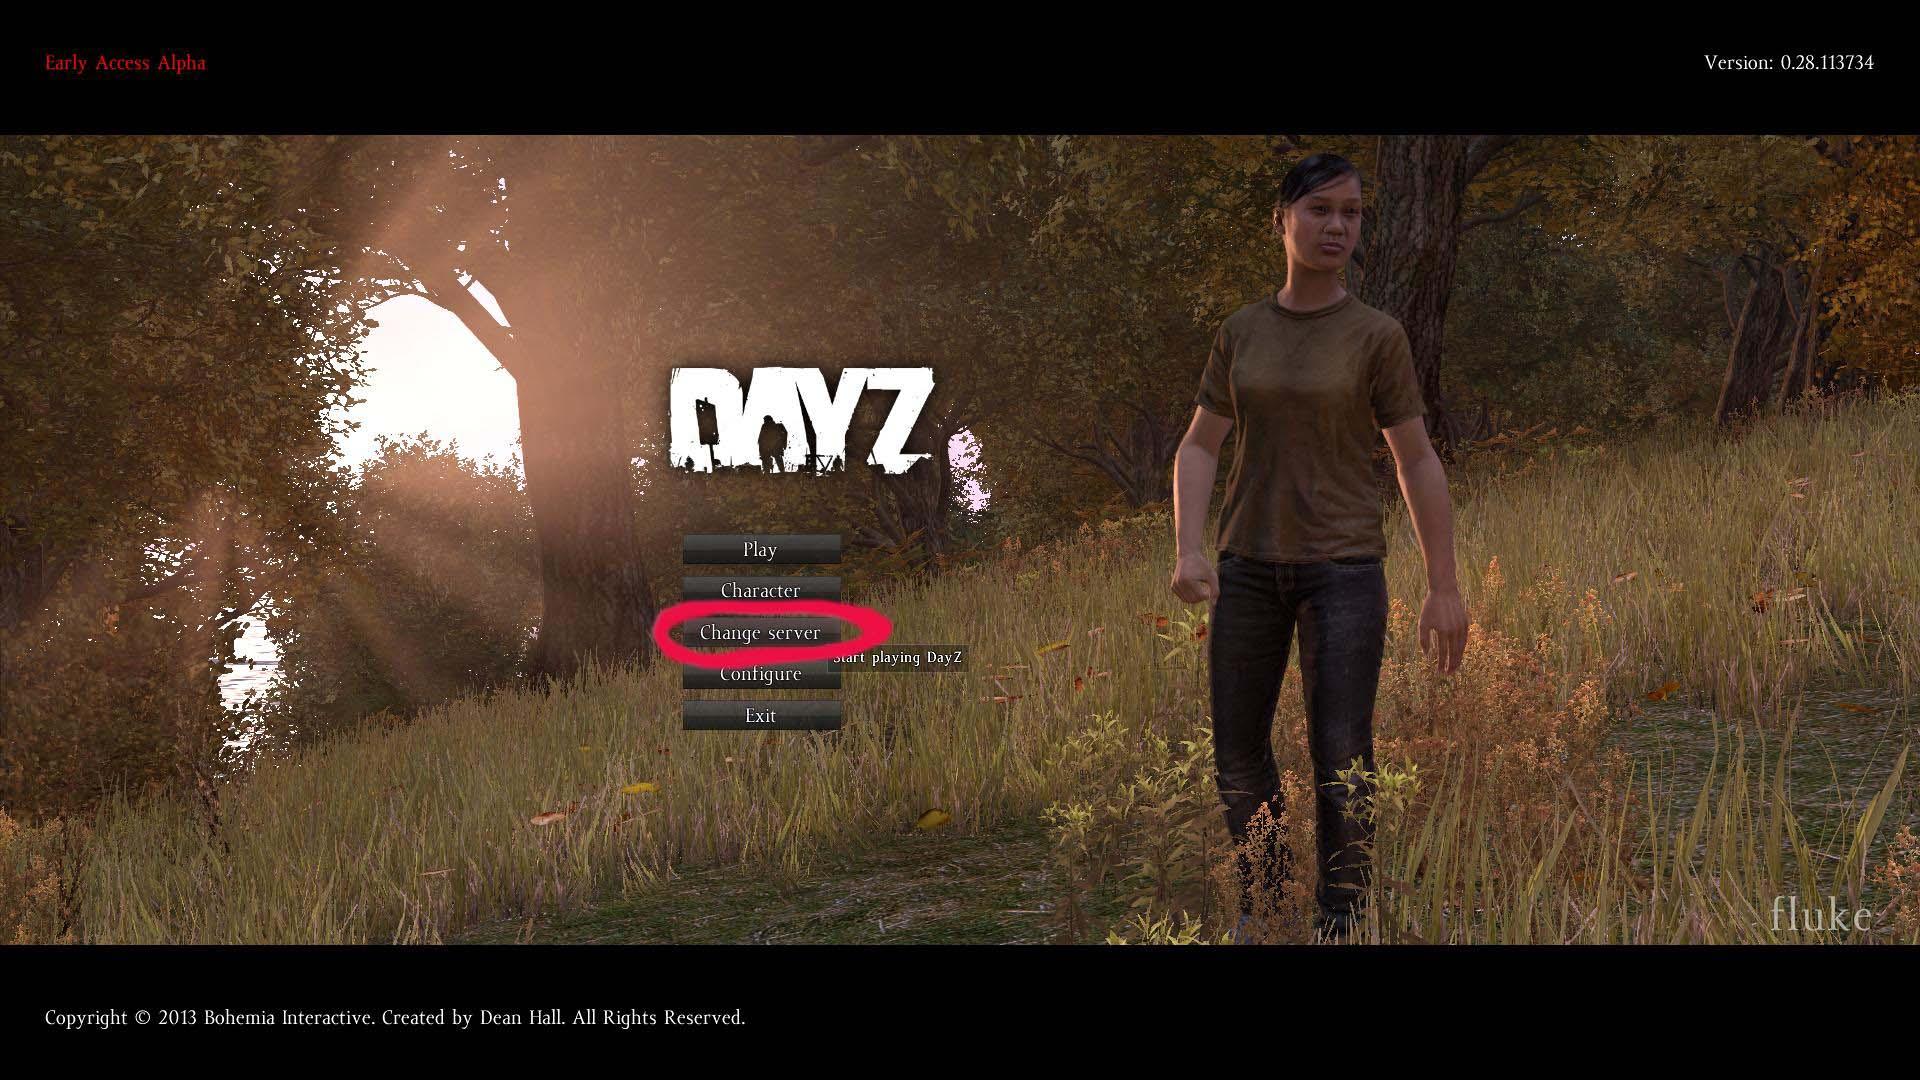 Dayz standalone скачать с пиратскими серверами